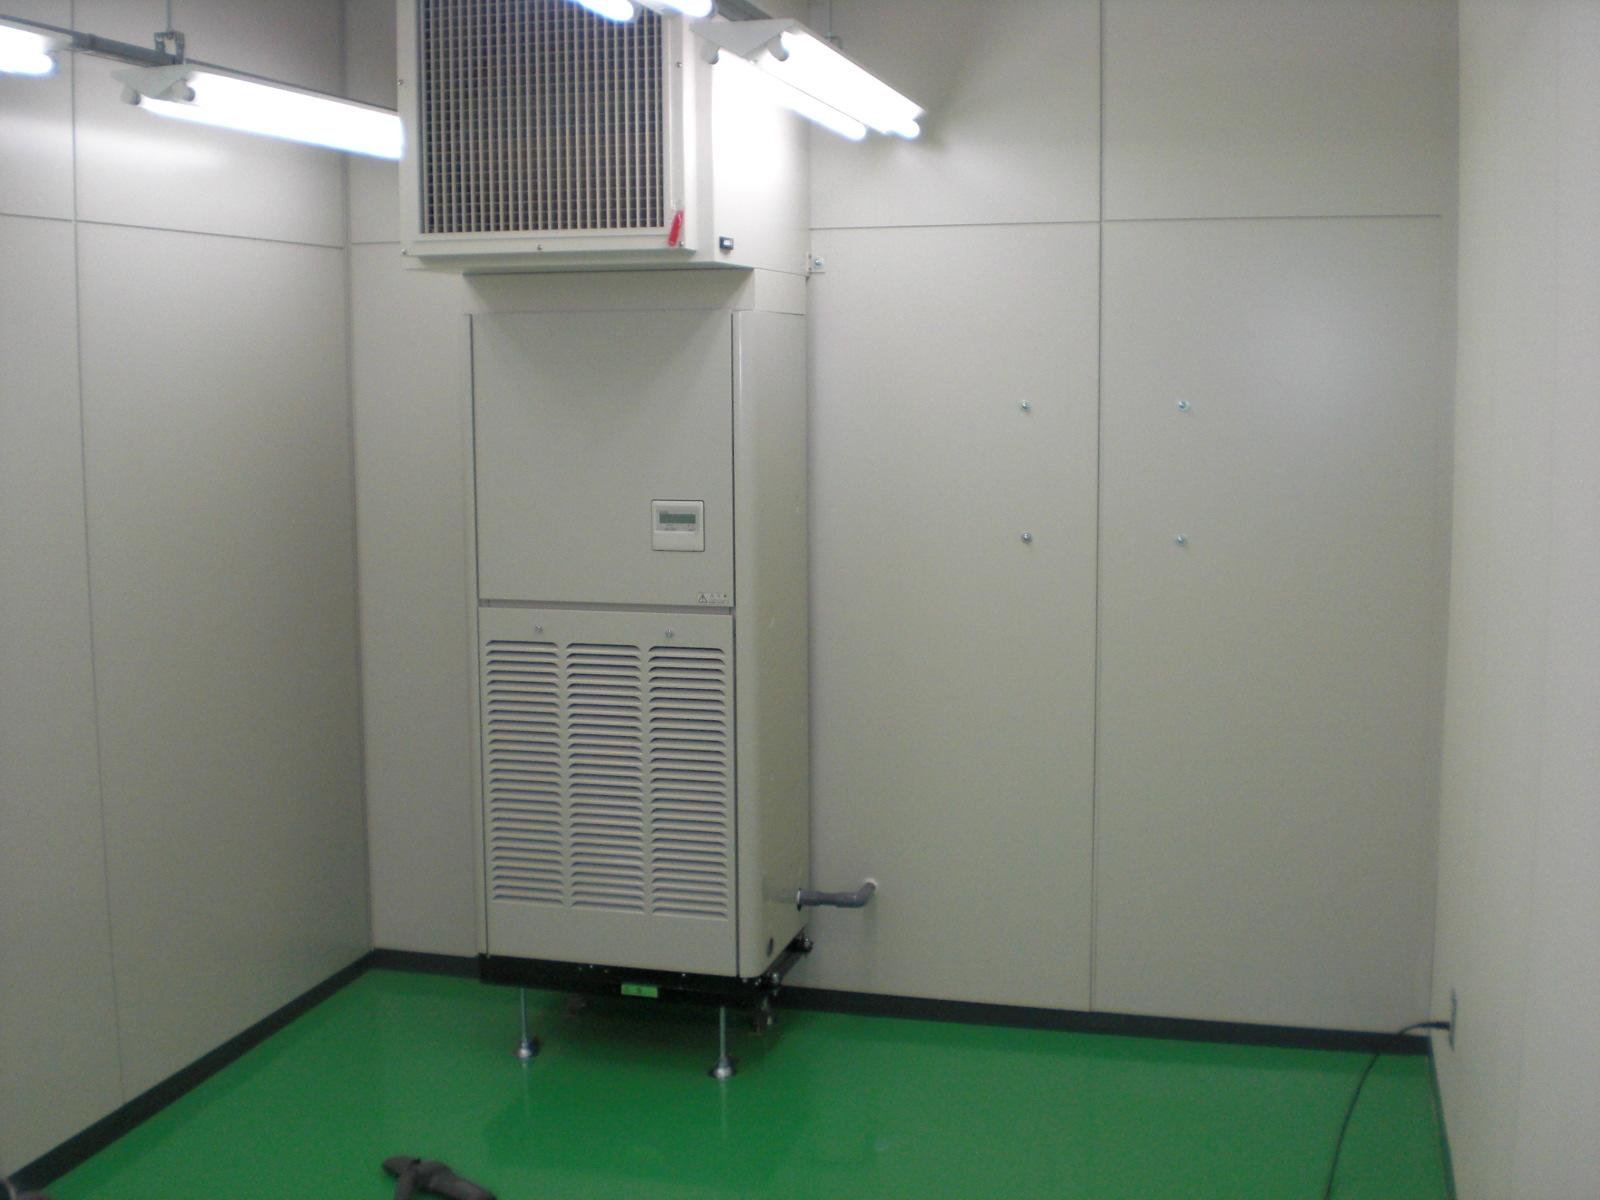 空調システム 床置き型空冷式 パッケージエアコンを採用(空調設備は最終仕上げ前の状態)